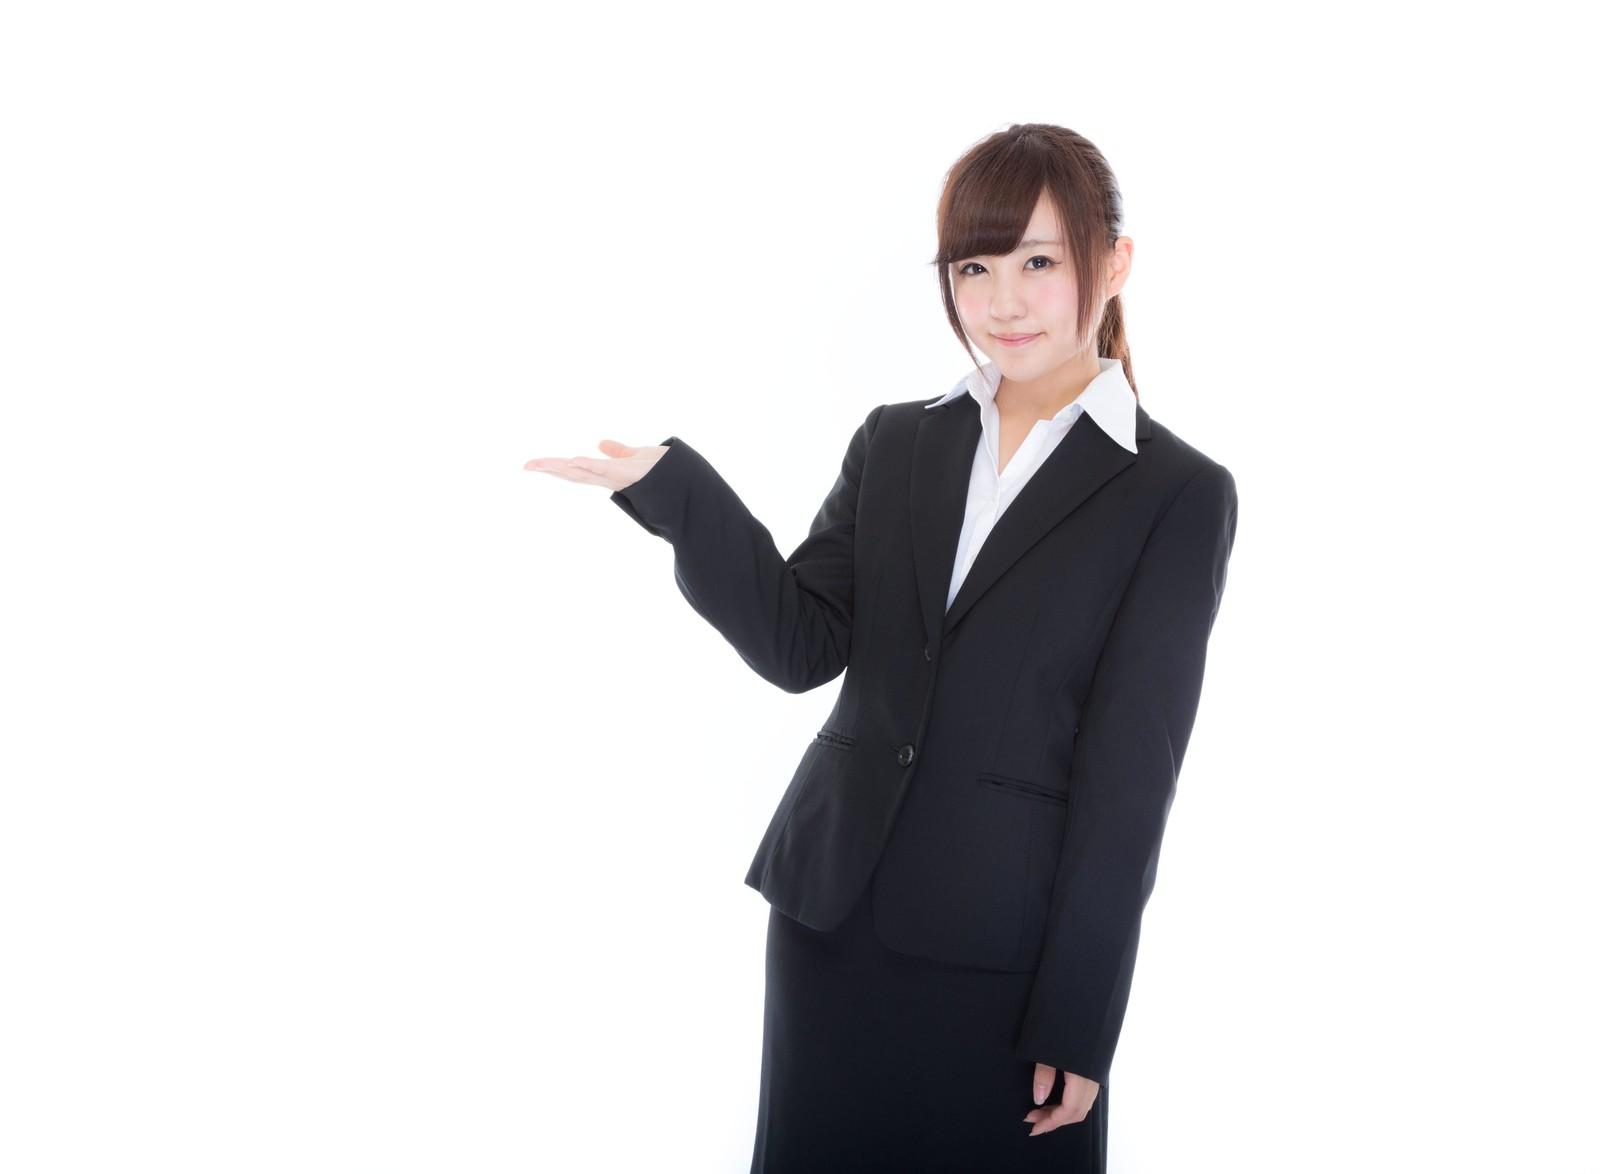 年金とは?将来の為に知っておきたい日本の公的年金制度について簡単に解説